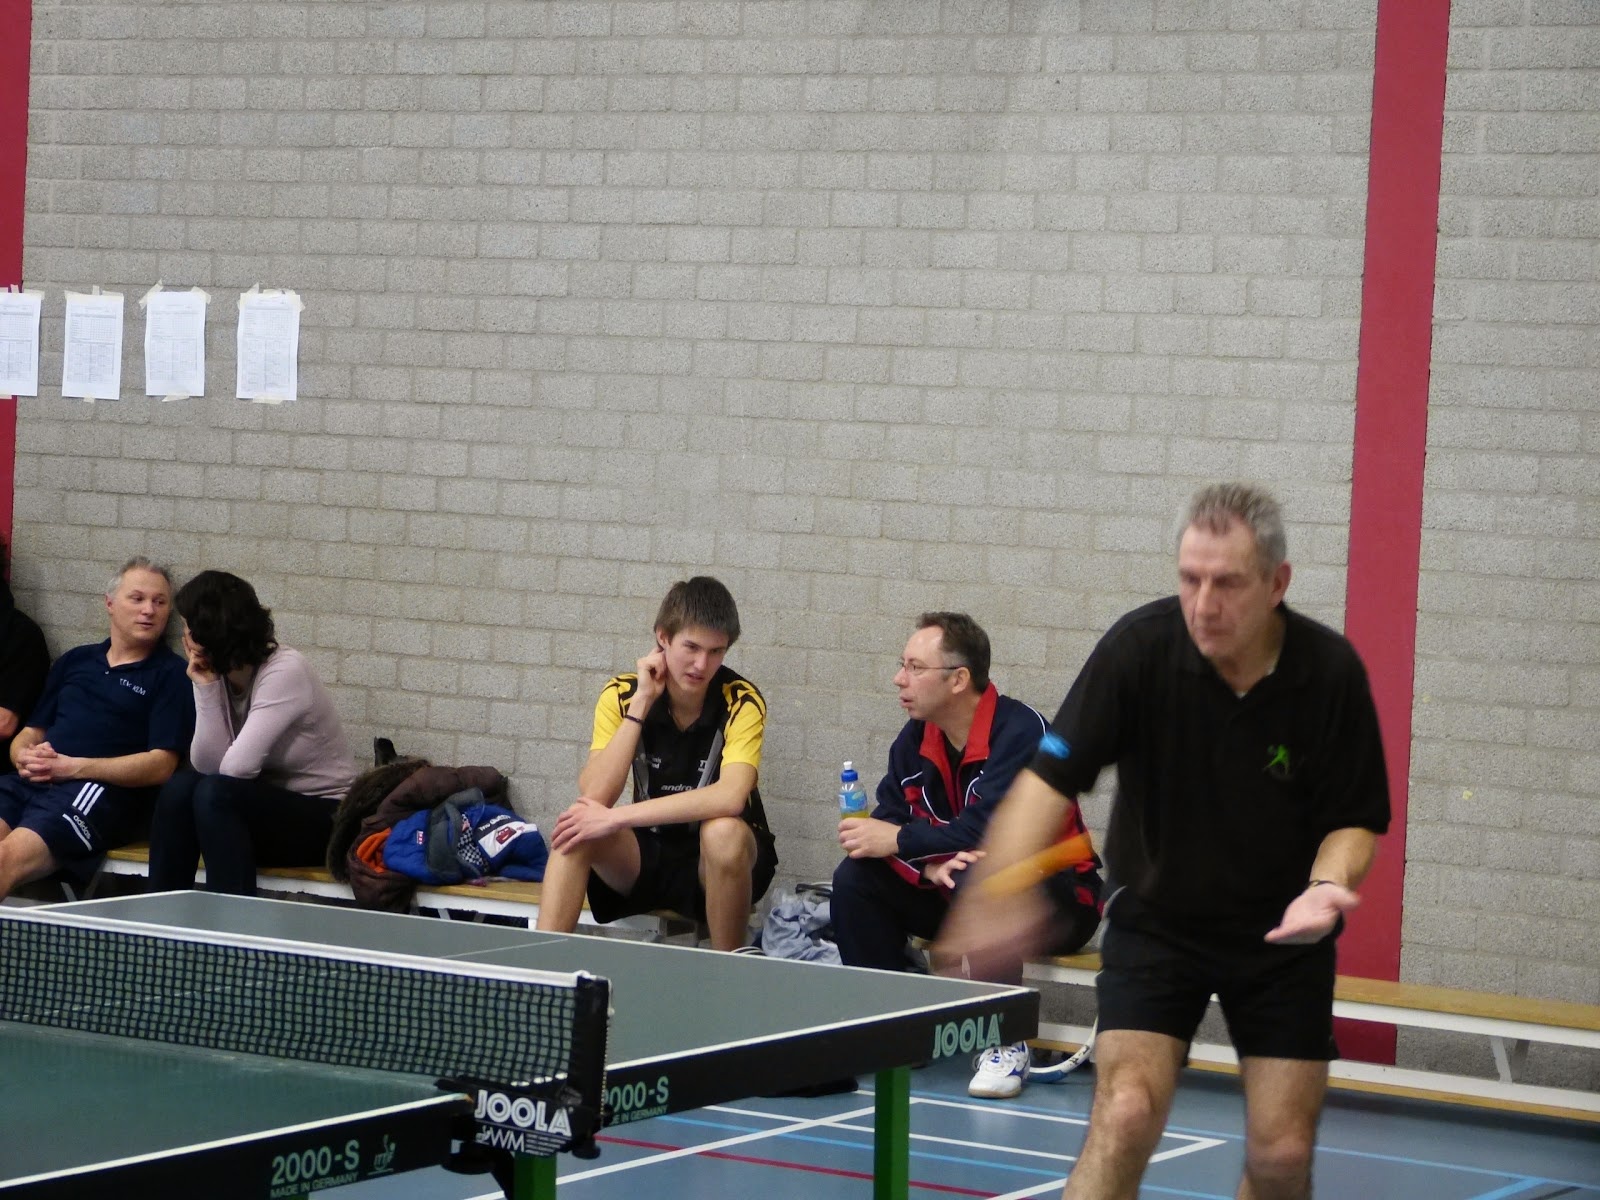 Hooglandse Kampioenschappen 2012